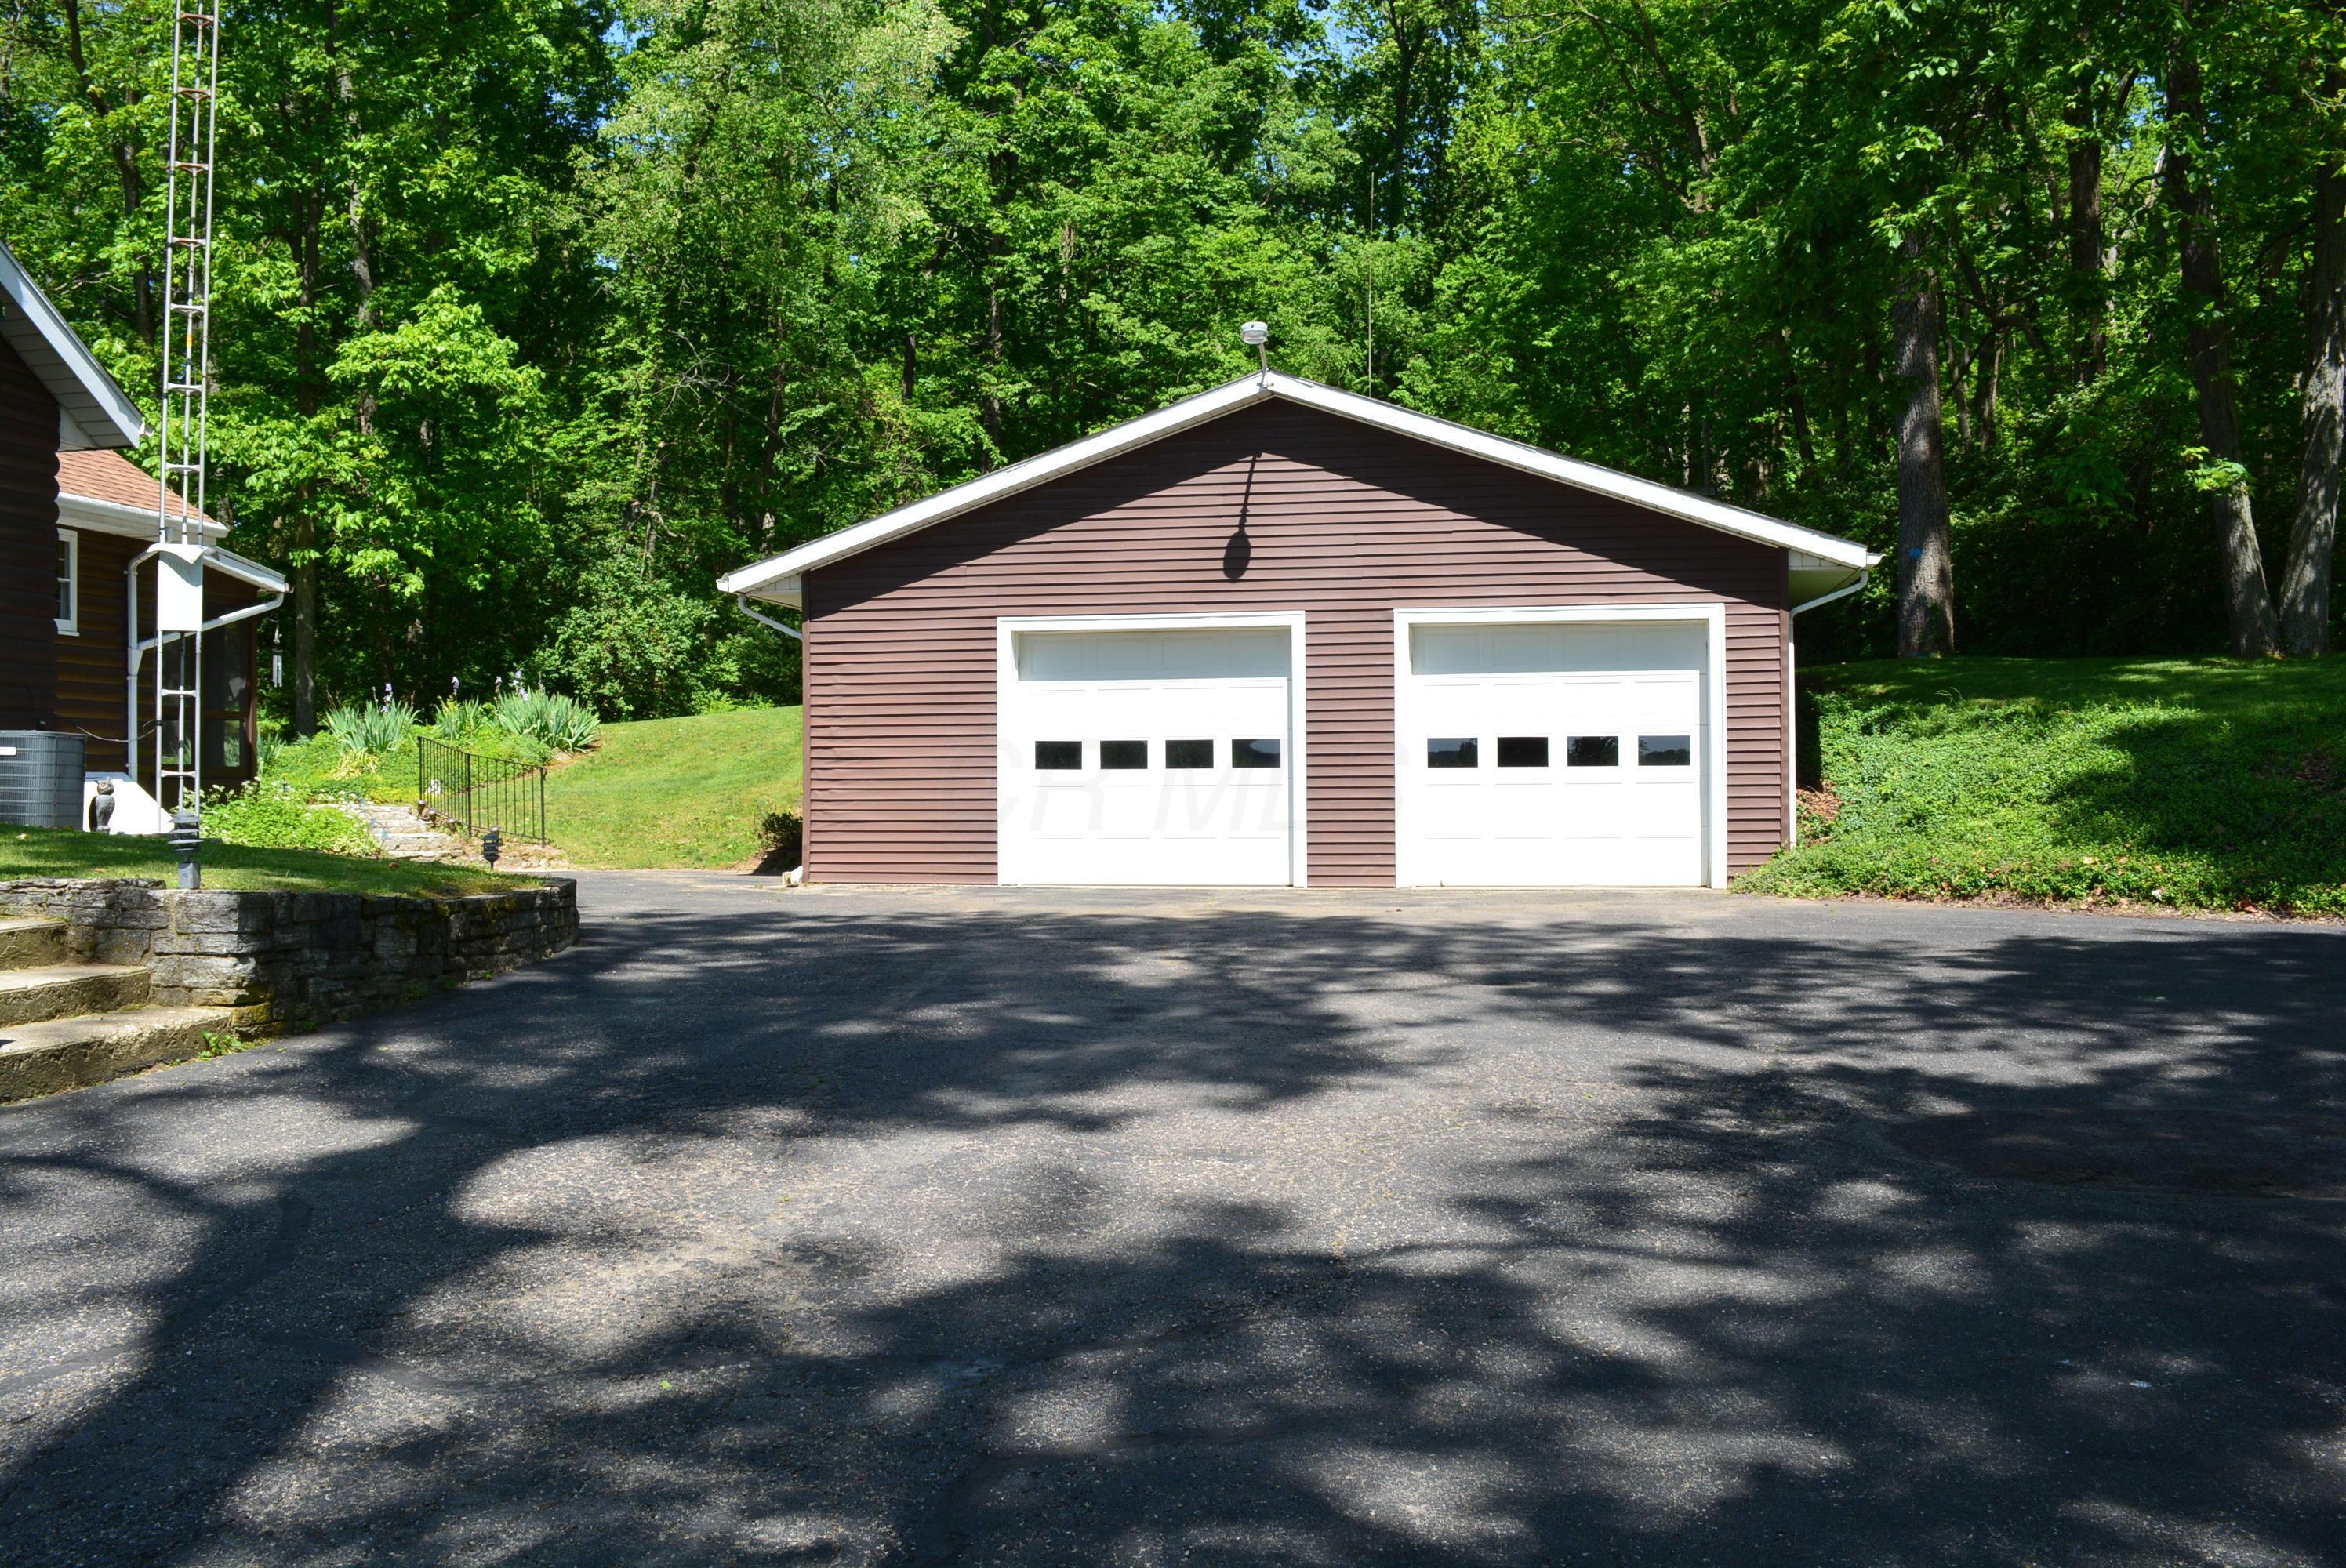 2292 Kennard Kingscreek Road, Urbana, Ohio 43078, 2 Bedrooms Bedrooms, ,1 BathroomBathrooms,Residential,For Sale,Kennard Kingscreek,220017798